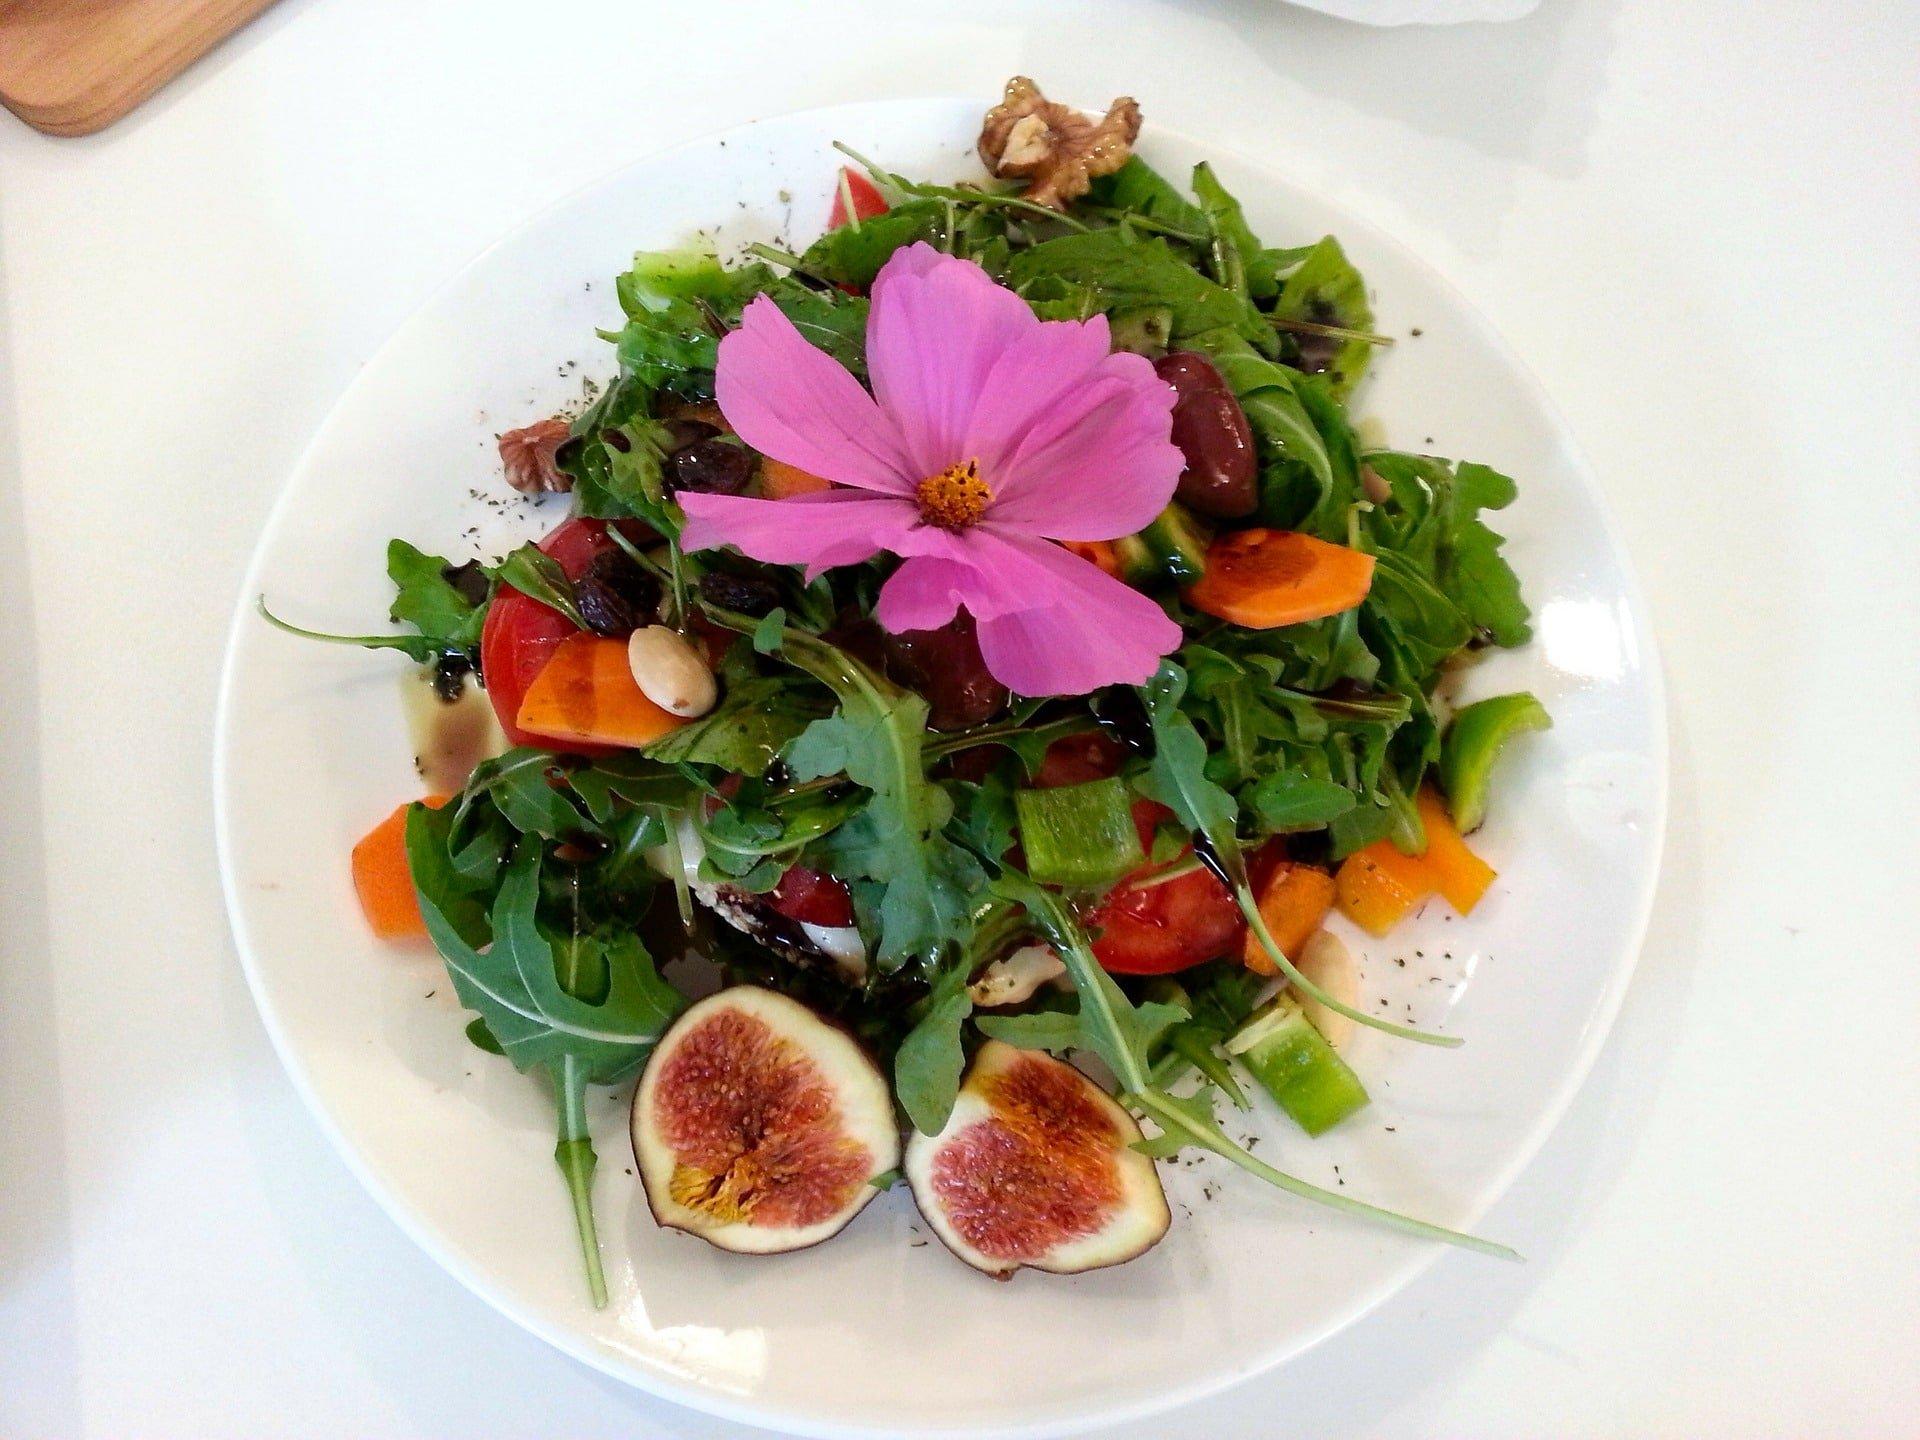 Leichter Rucola Salat mit Feigen und einem Nussmix